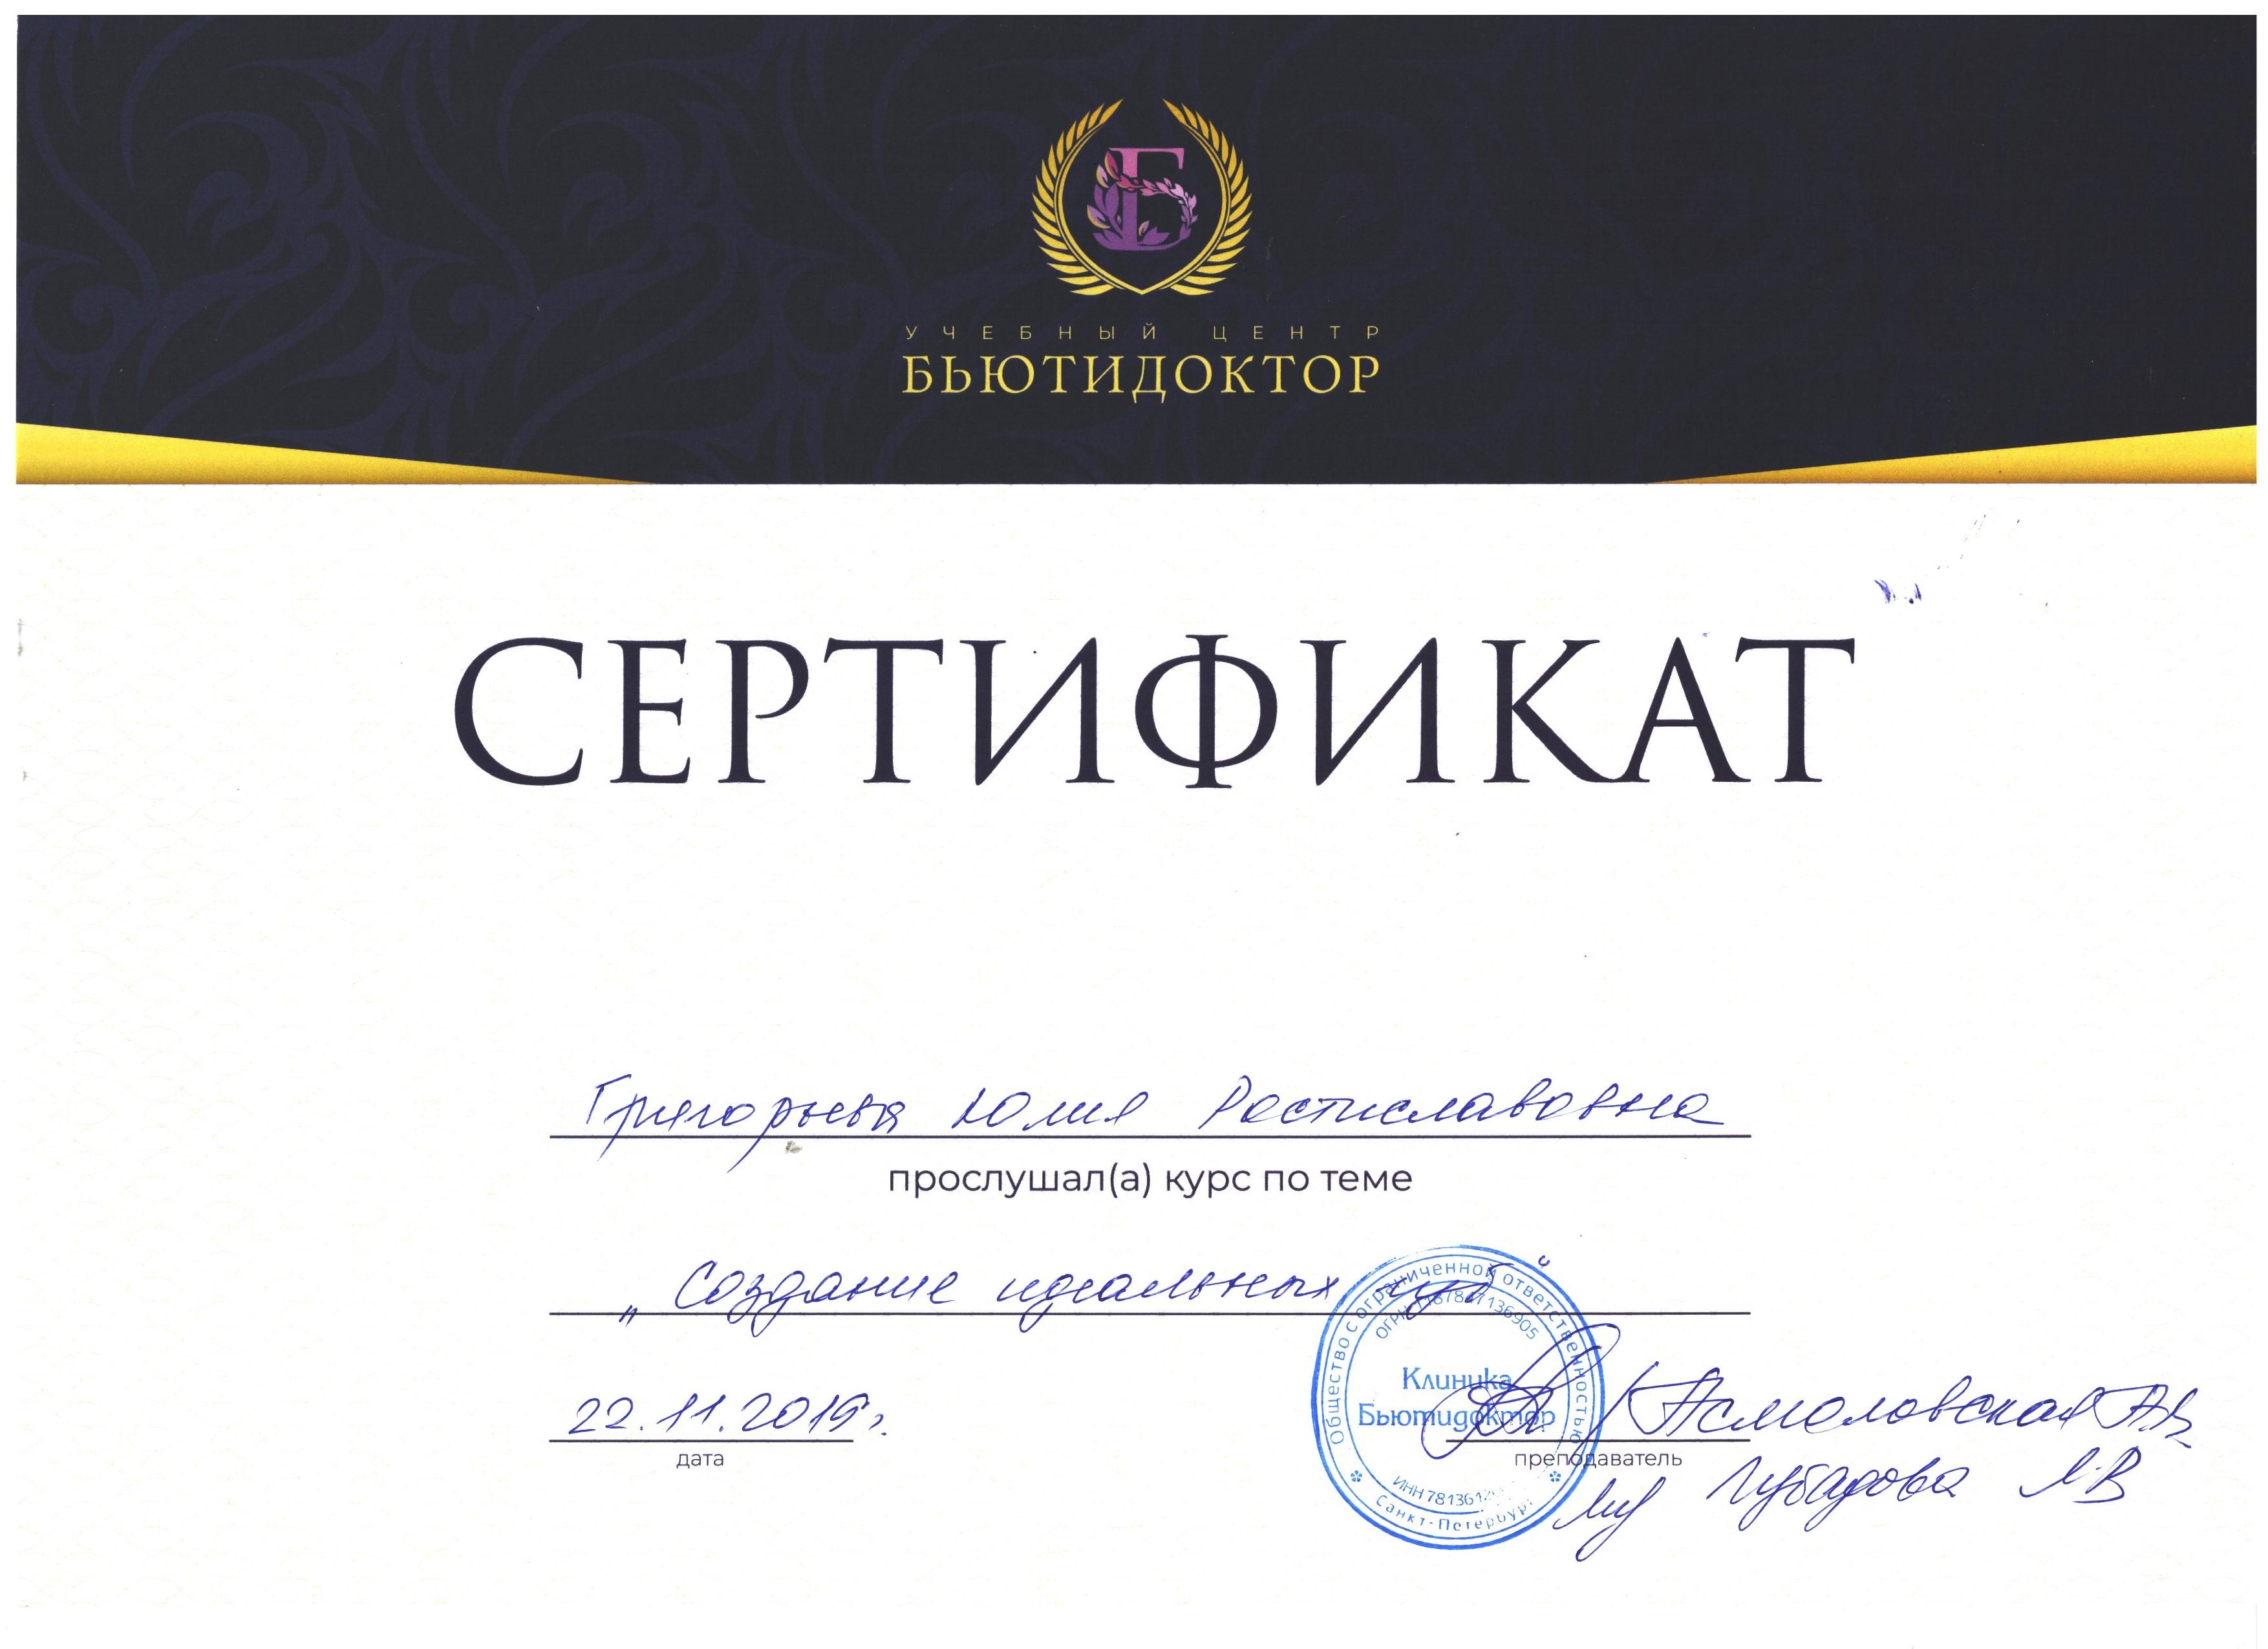 Сертификат — Создание идеальных губ. Григорьева Юлия Ростиславовна